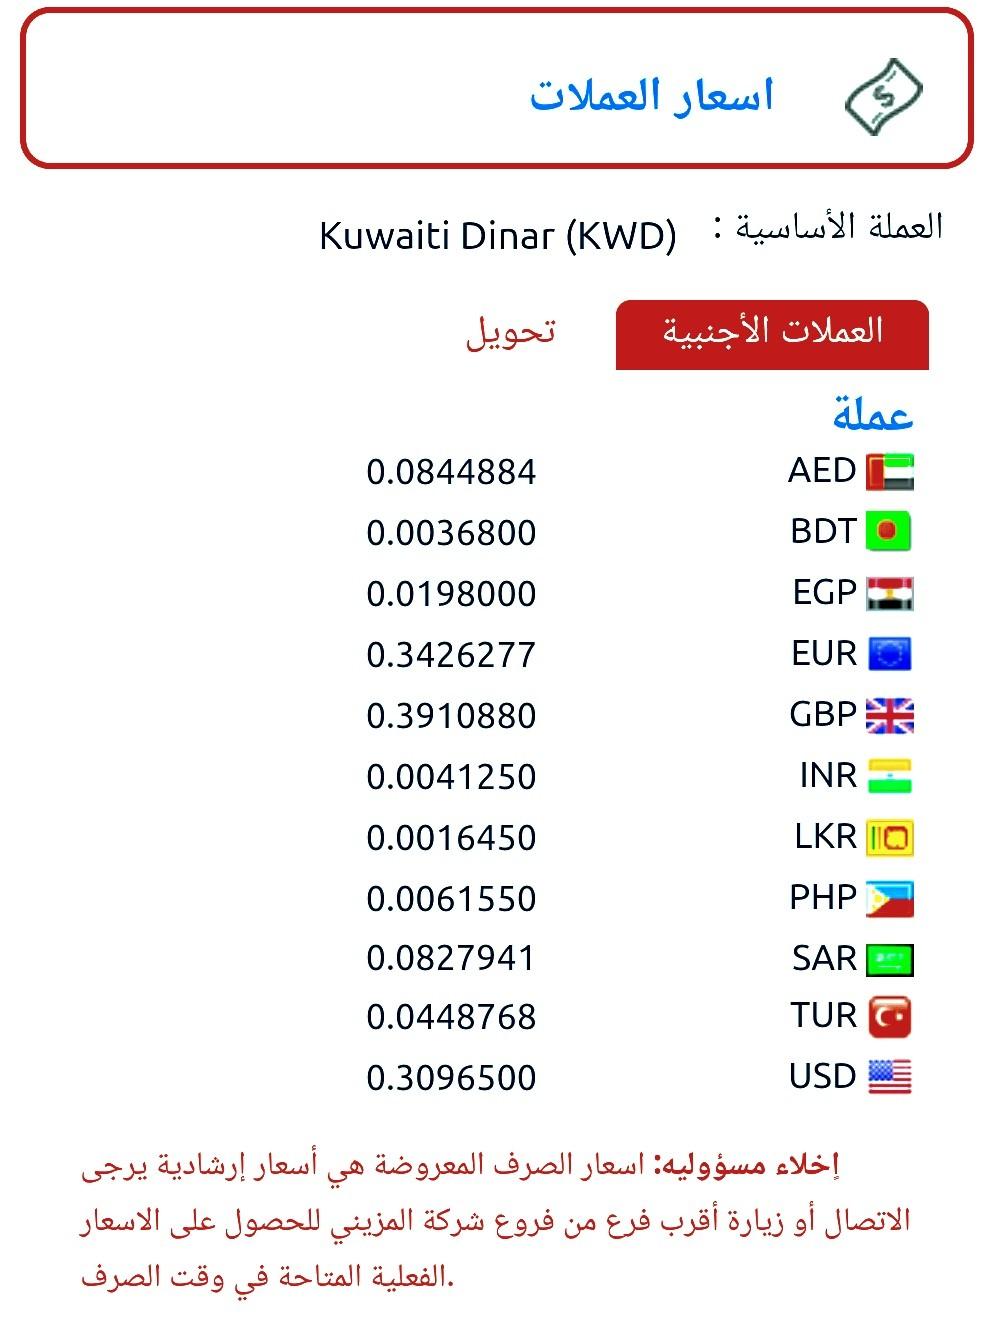 التحويل من الدينار الكويتي الى الدولار أسعار العملات فى المزيني للصرافة ٢٩ أبريل